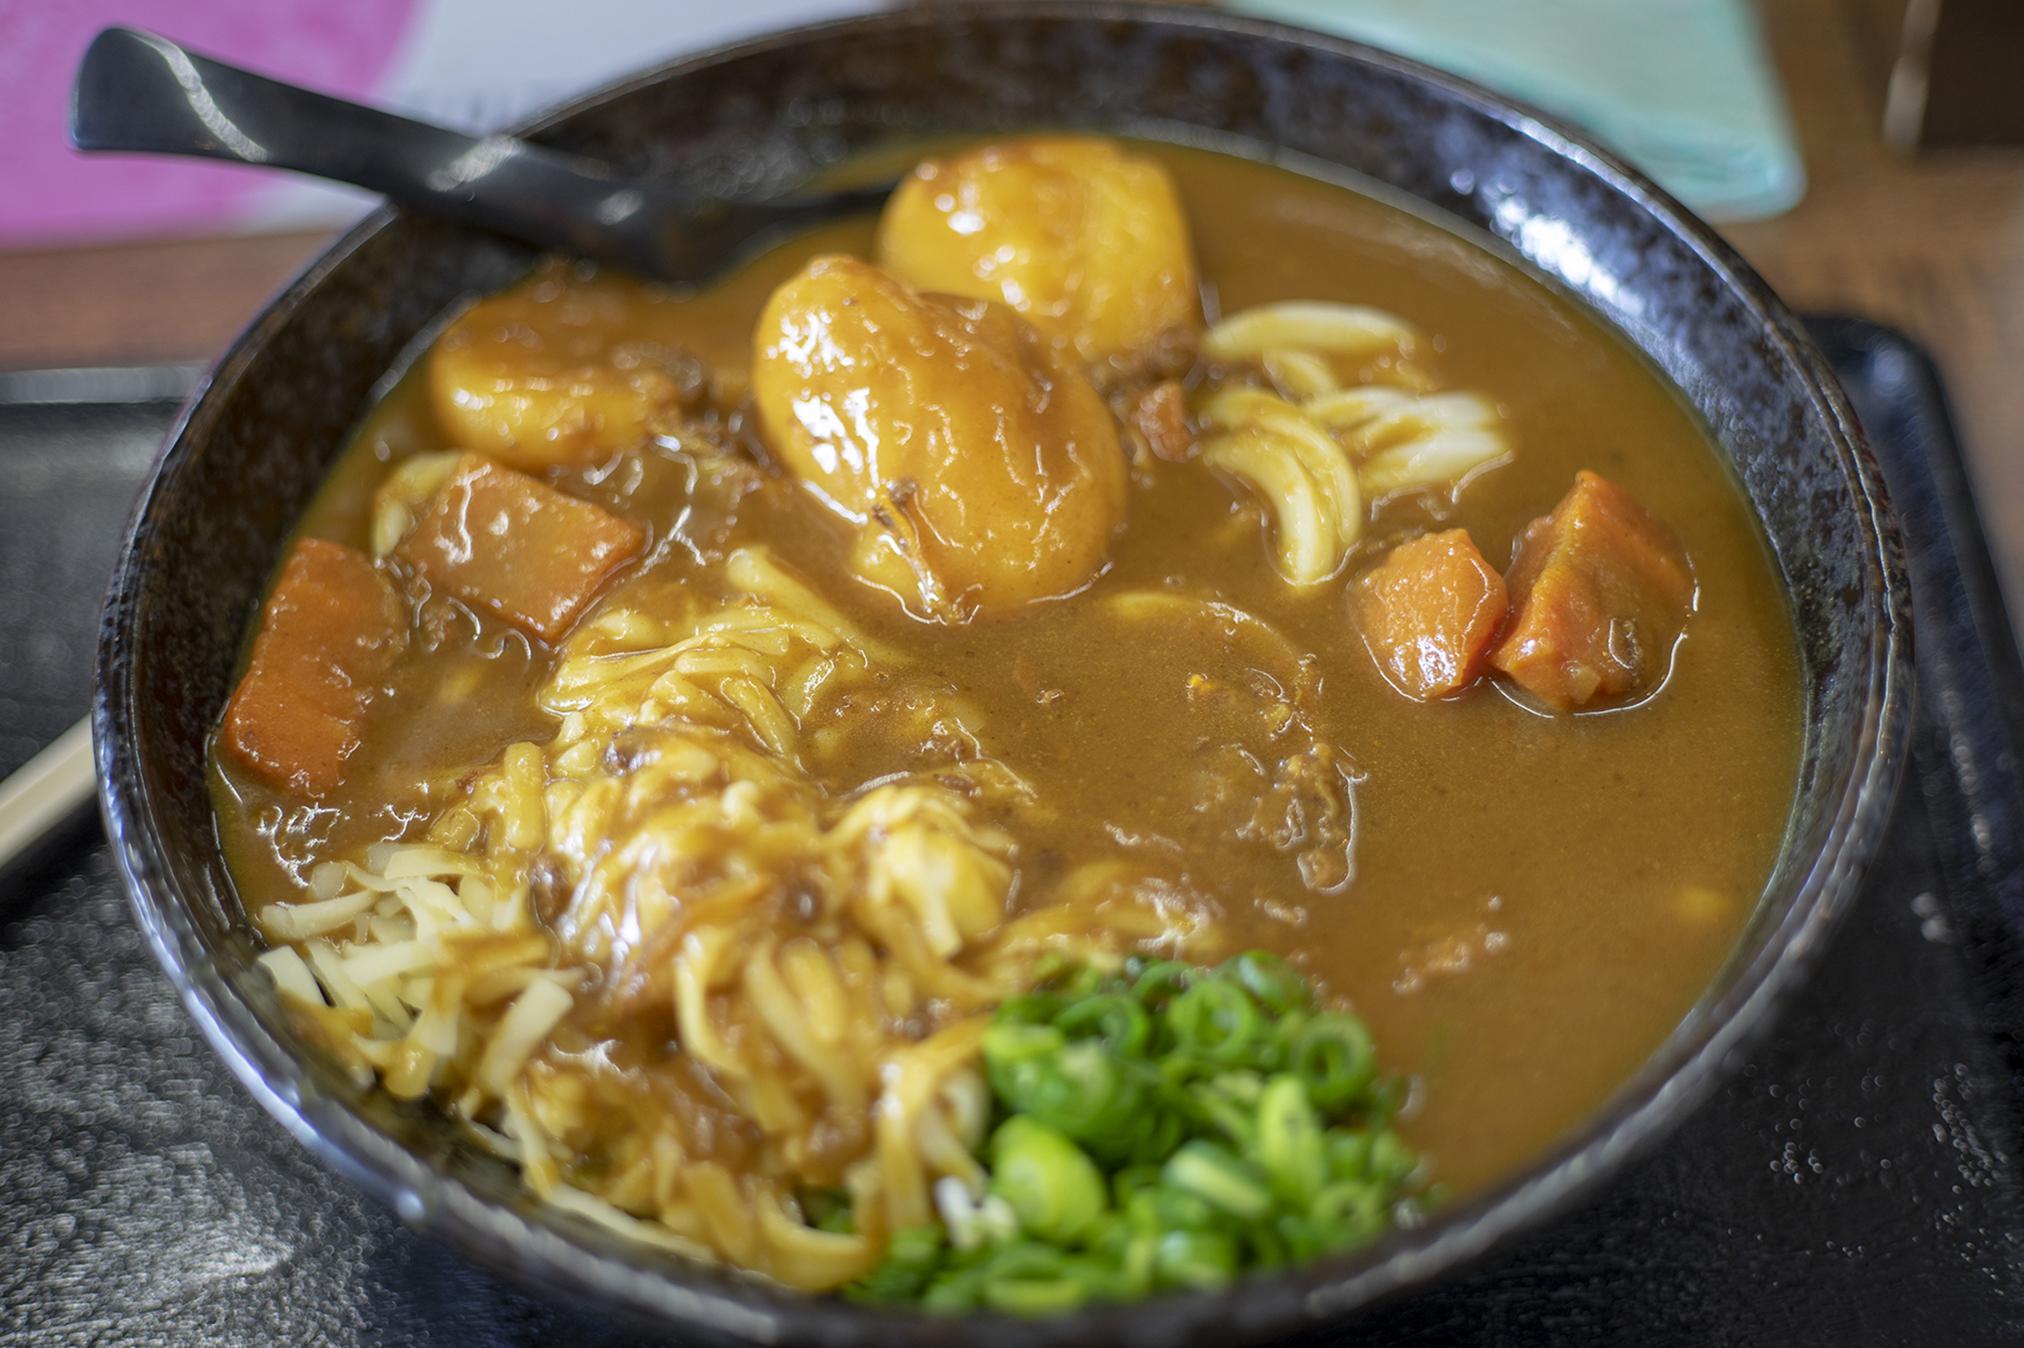 『こだわり麺屋』の讃岐カレーうどんはゴージャス!